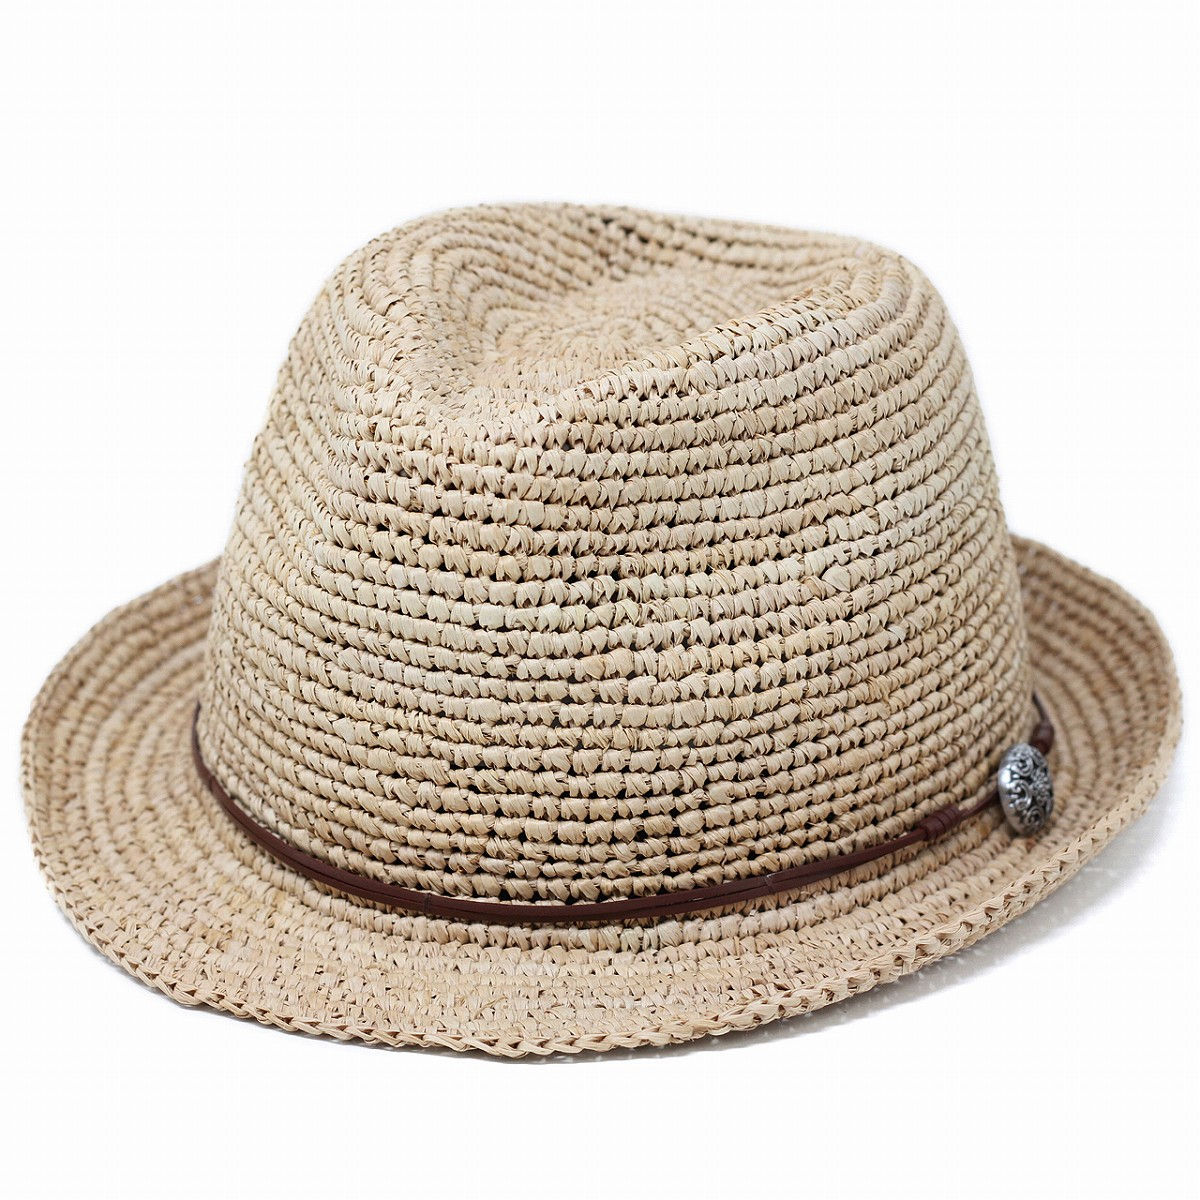 新色入荷 コンチョがとってもお洒落な中折れ帽子 ハット レディース 麦わら帽子 大きいサイズ 夏 通常便なら送料無料 ストローハット ラフィア素材 お見舞い 柔らかい ソフト 中折れハット ラフィア 敬老の日 hat 天然素材 56cm 62cm 60cm straw 小さいサイズ 58cm グレージュ